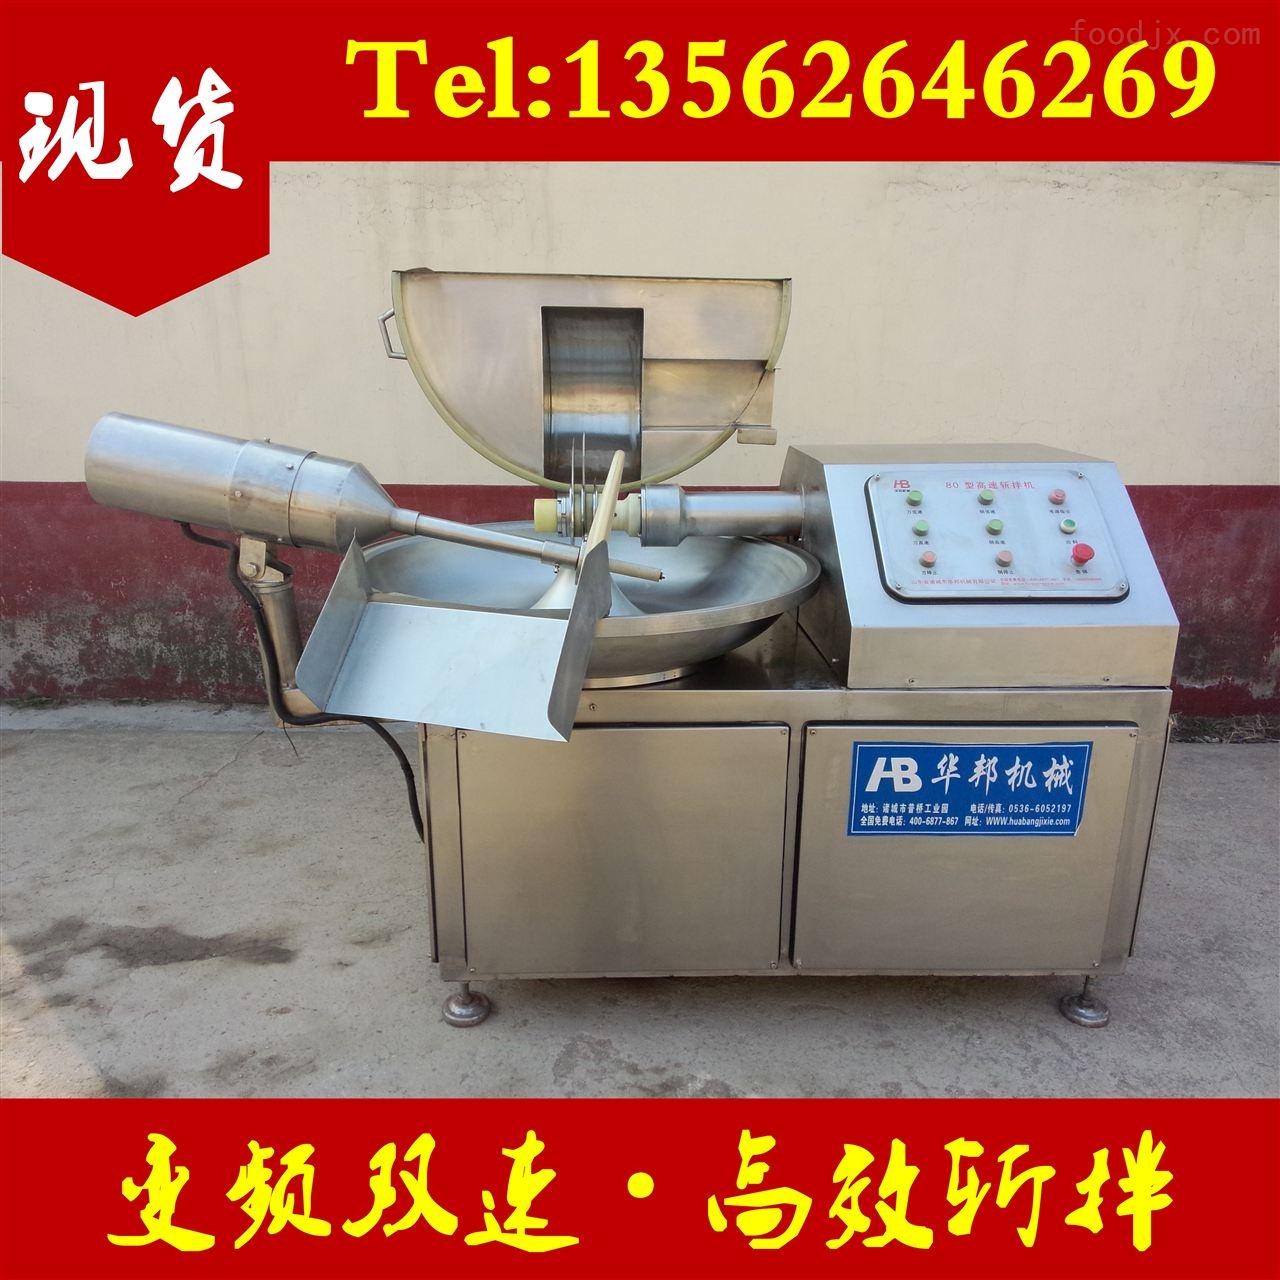 【华邦】千叶豆腐斩拌机